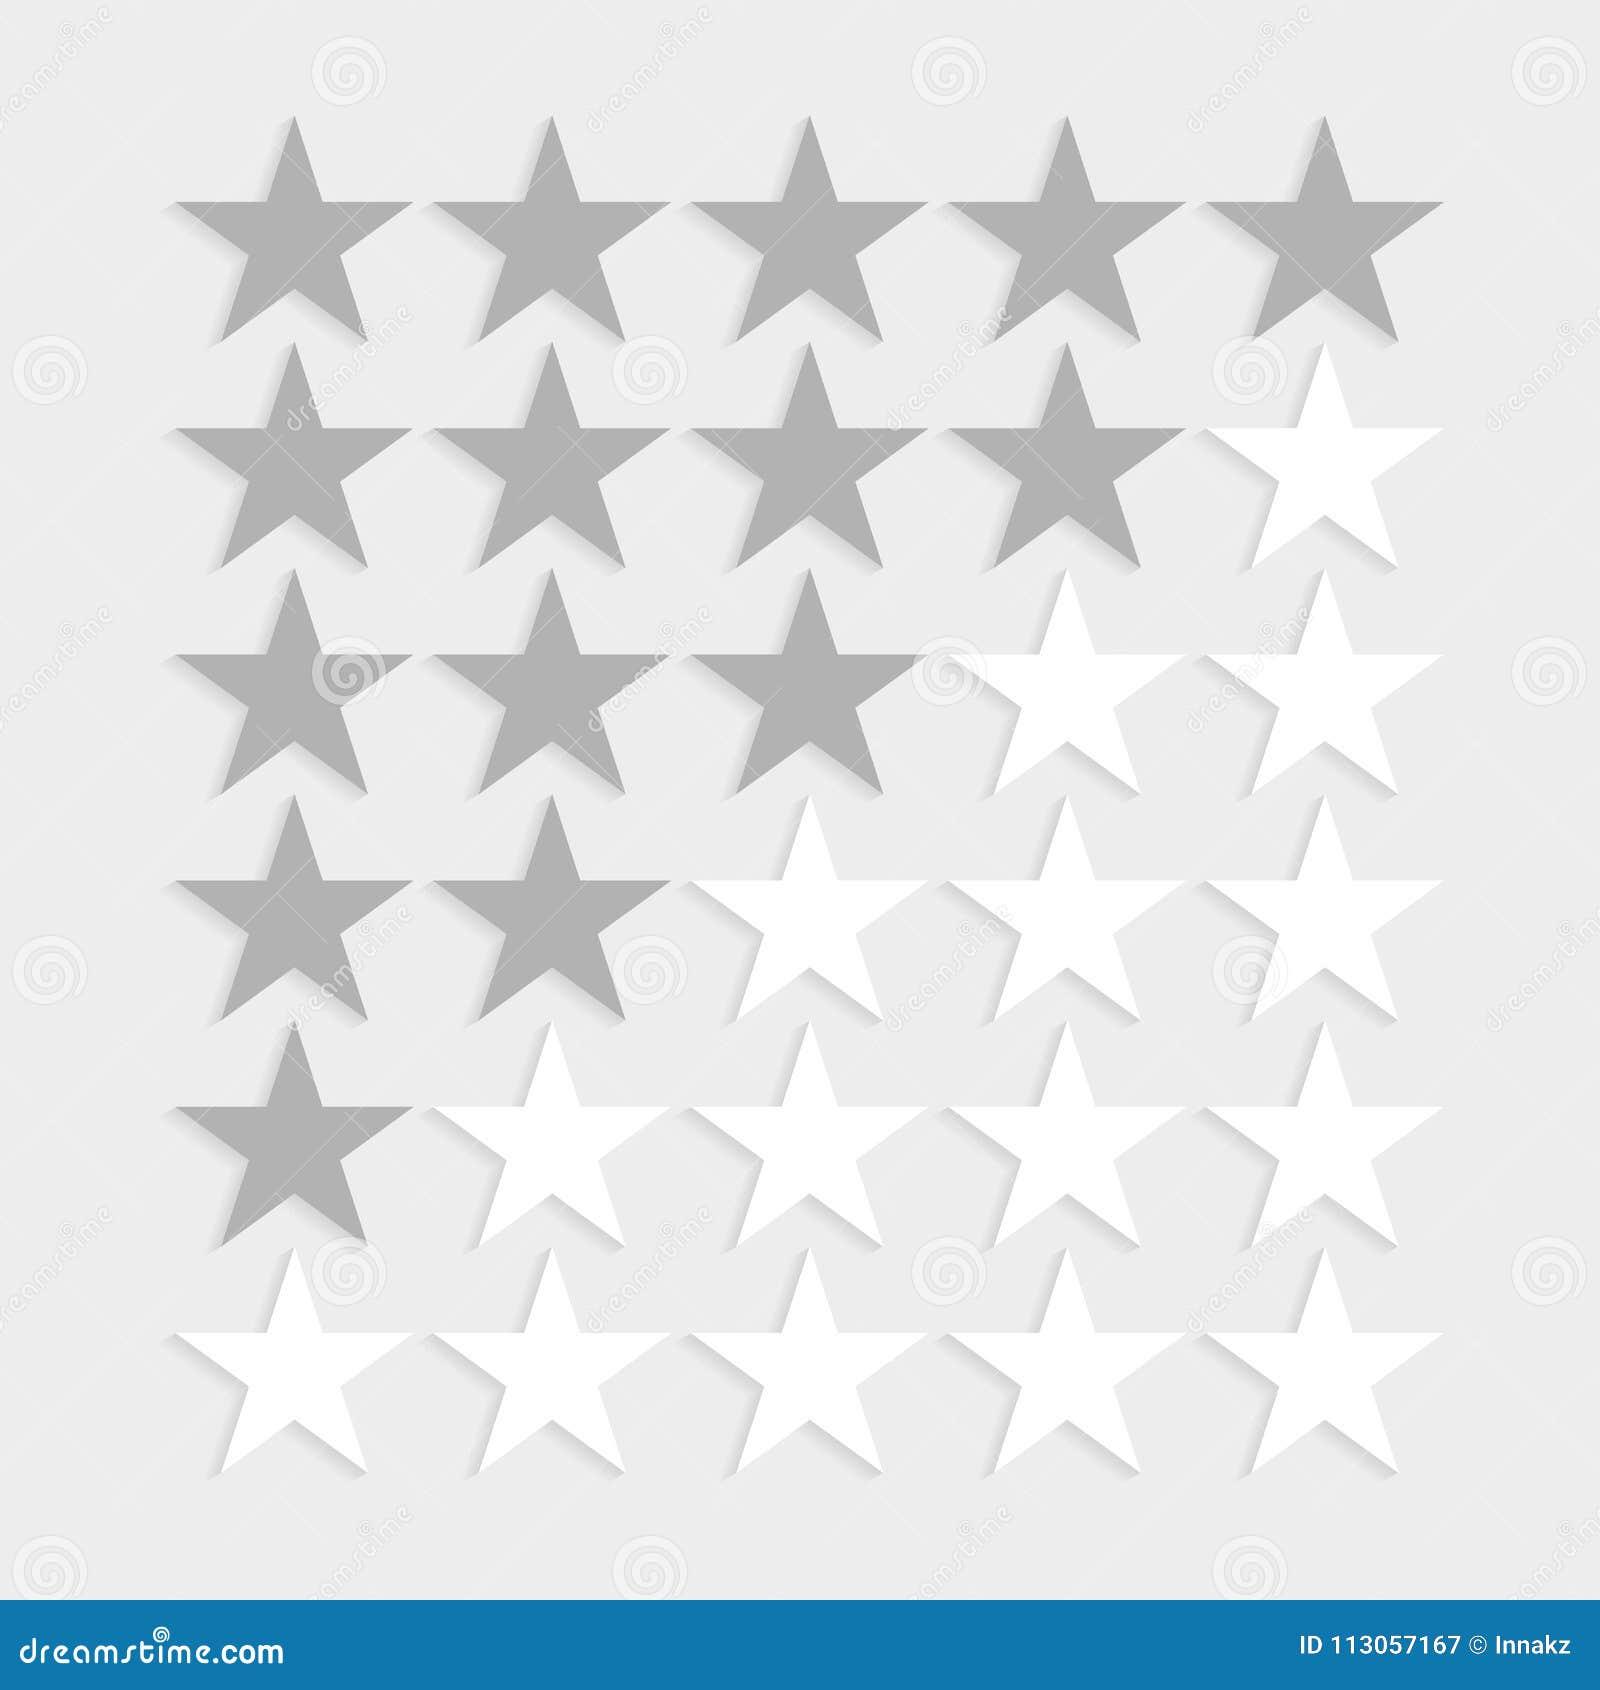 Star rating symbols.